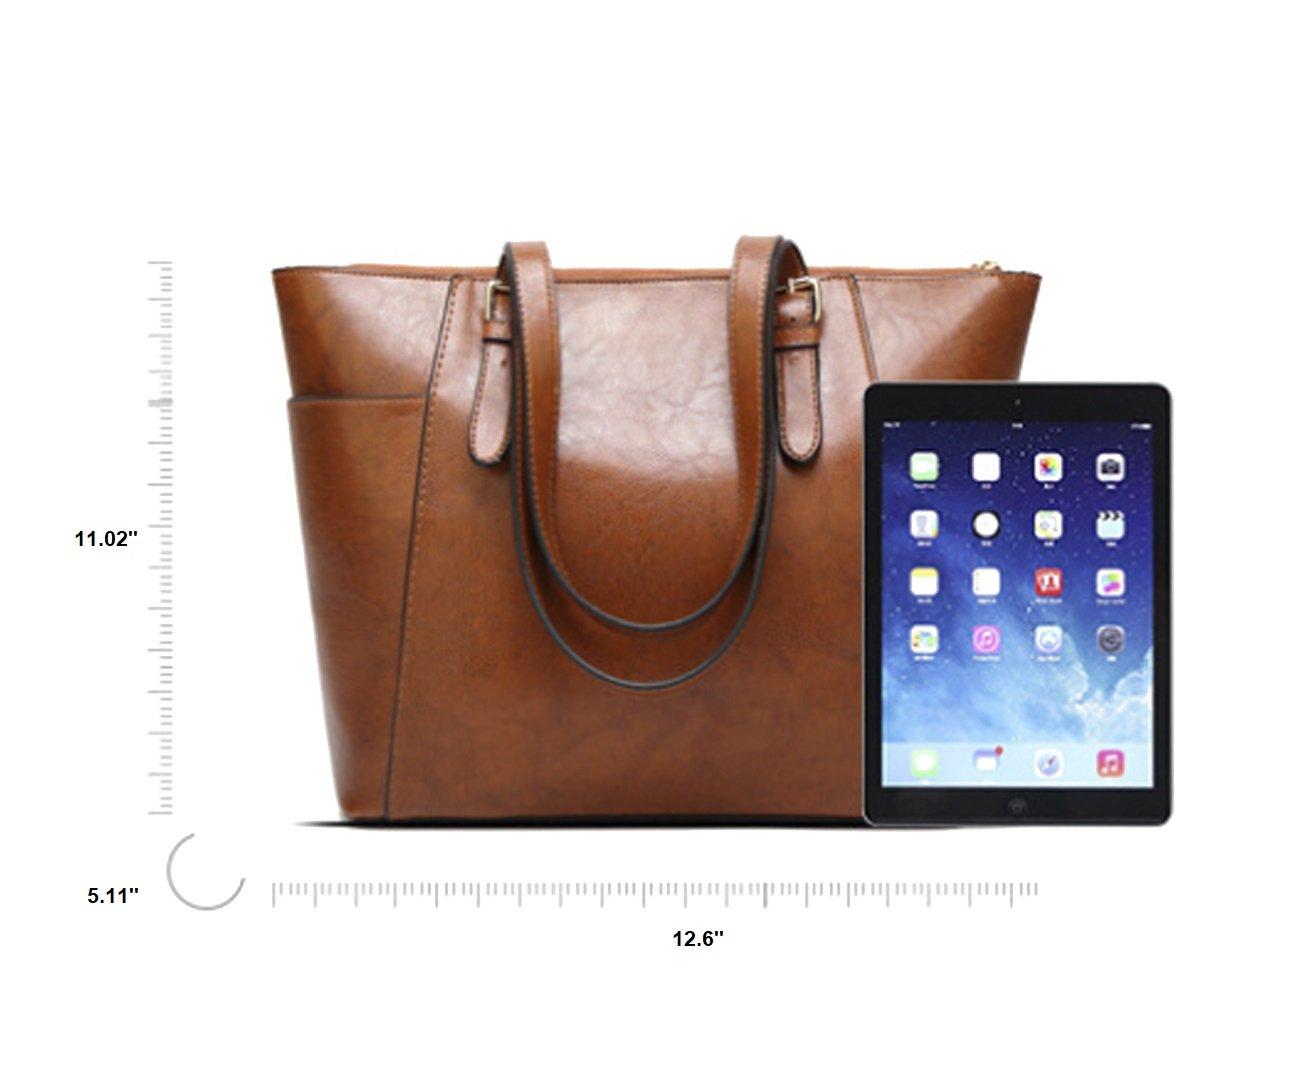 Women's Vintage Fine Fibre Genuine Leather Bag Tote Shoulder Bag Handbag Model Pocket Black by AMAIA DURAN (Image #9)